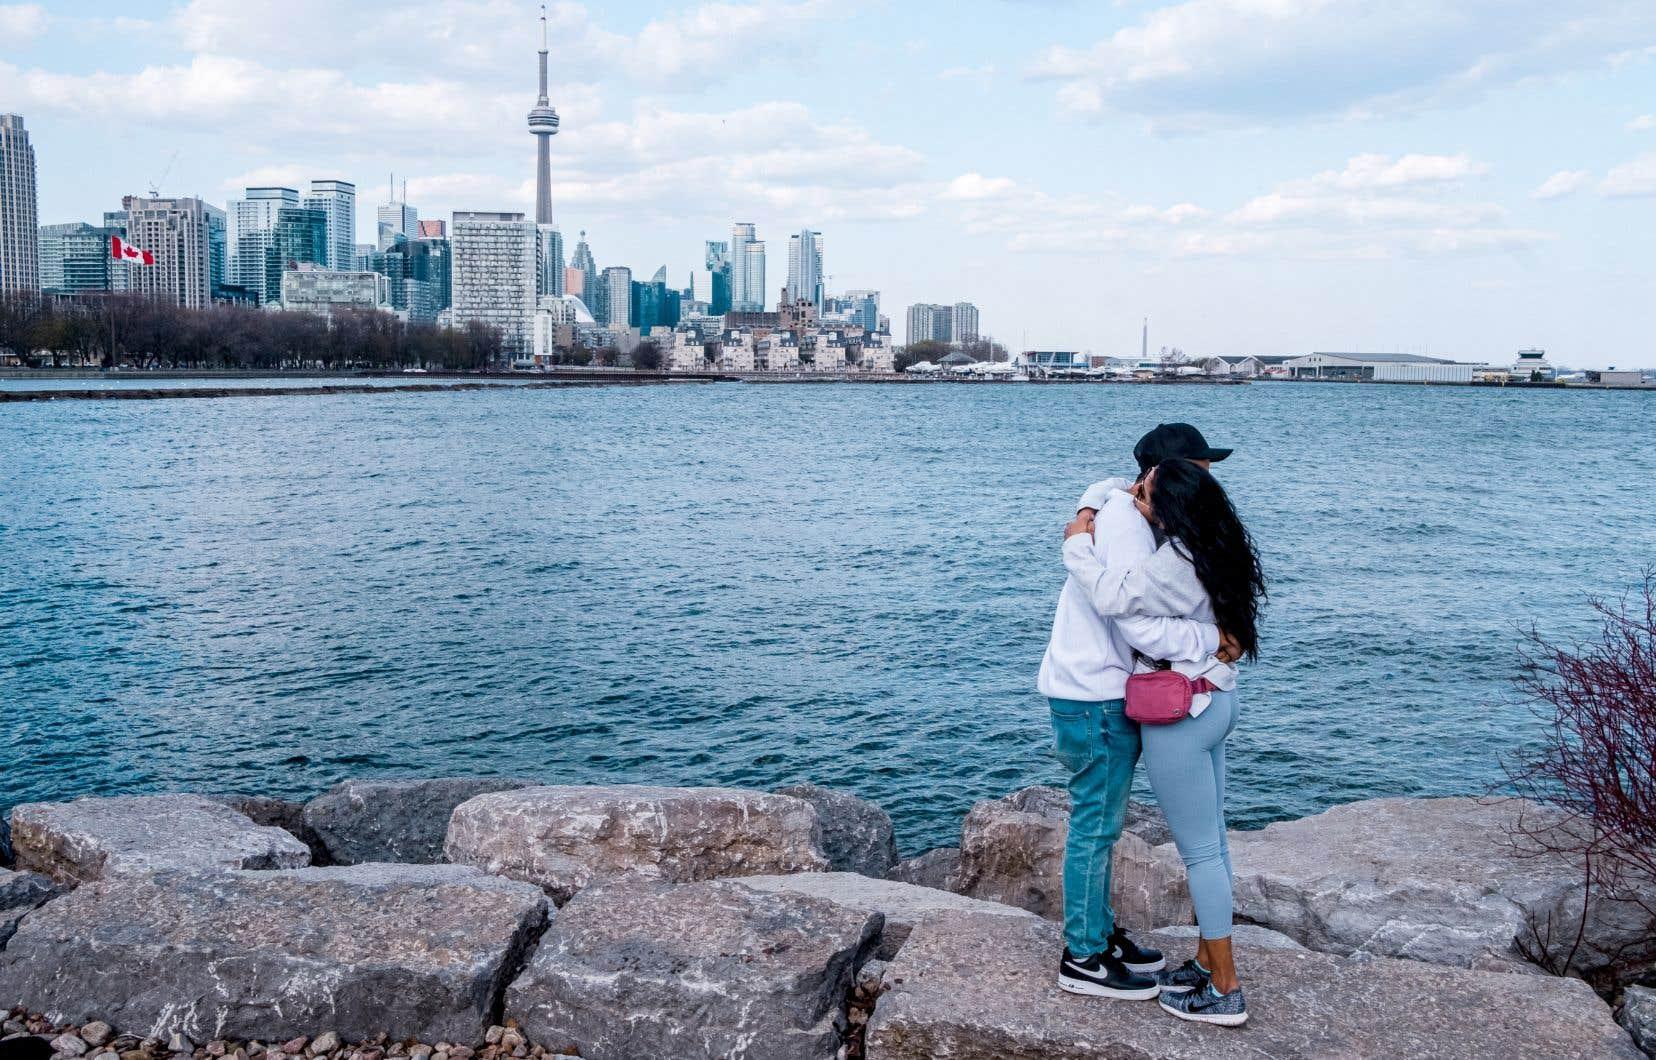 Si ce n'était les tramways plus vides qu'à l'habitude, les tours de bureaux vacantes, ou les restaurants et les écoles fermés, à Toronto, on pourrait croire que la vie suit son cours de manière à peu près normale, quoique très ralentie.